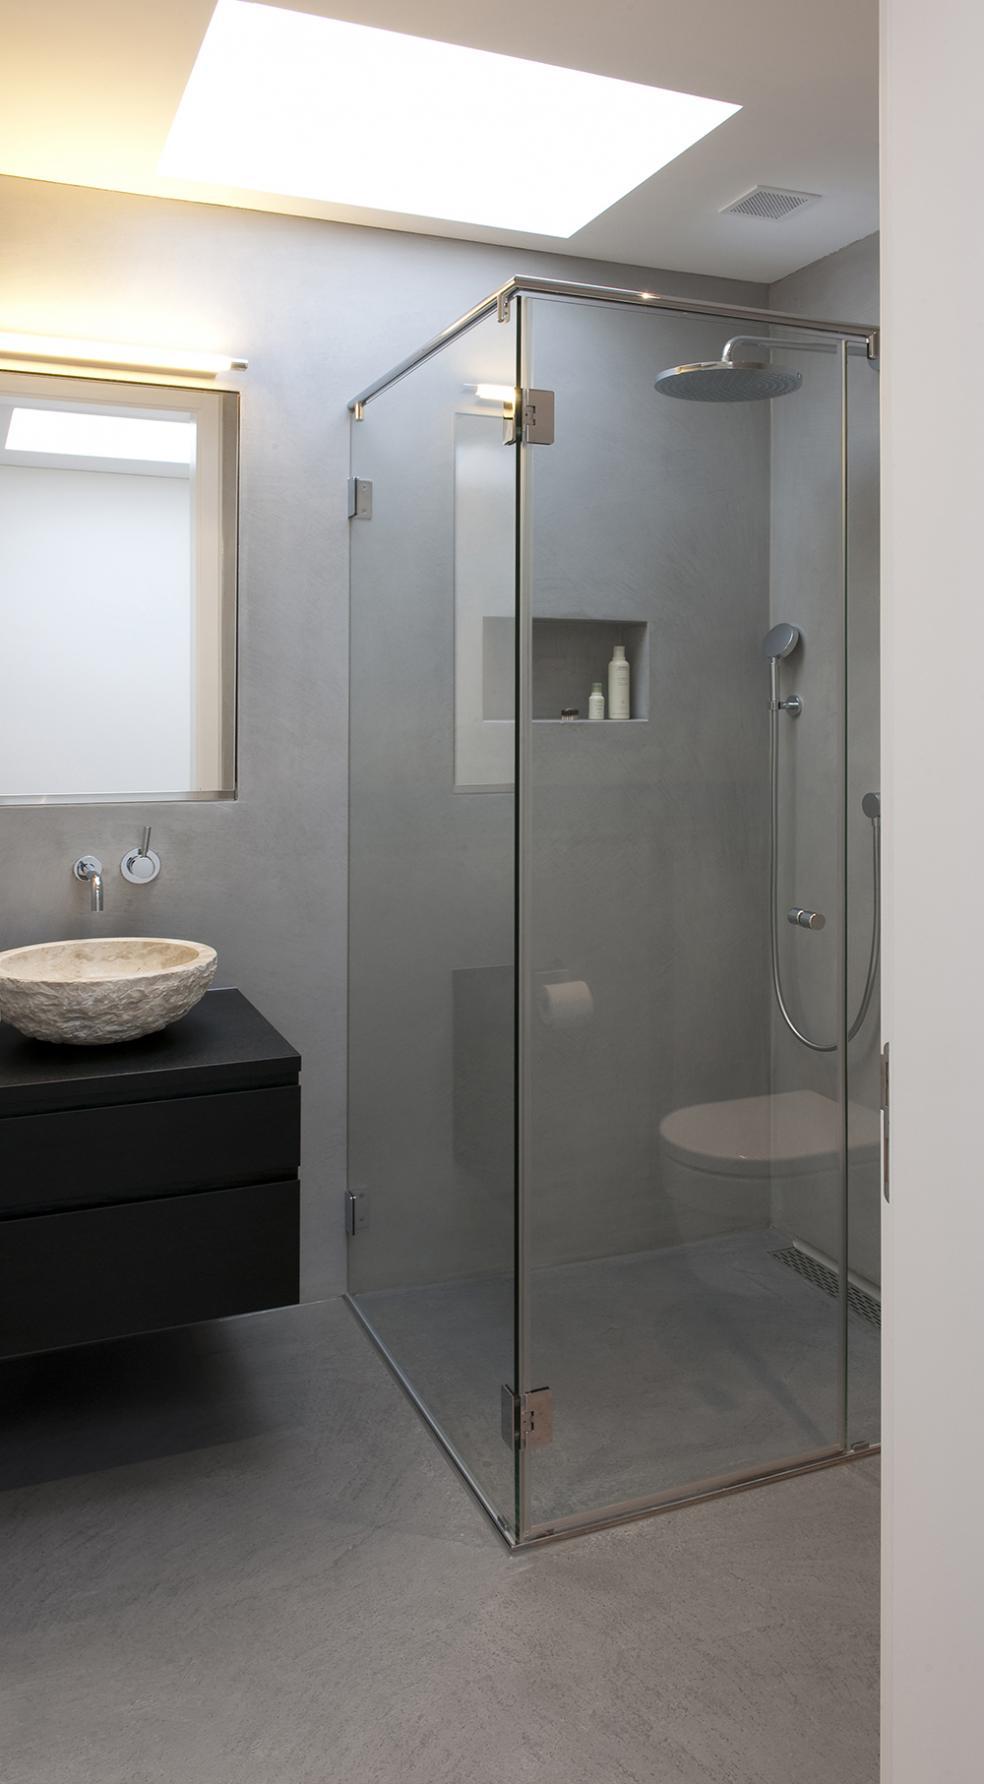 Bodarto badezimmergestaltung boden und wandbelag f r badezimmer - Bodenbelag badezimmer fugenlos ...